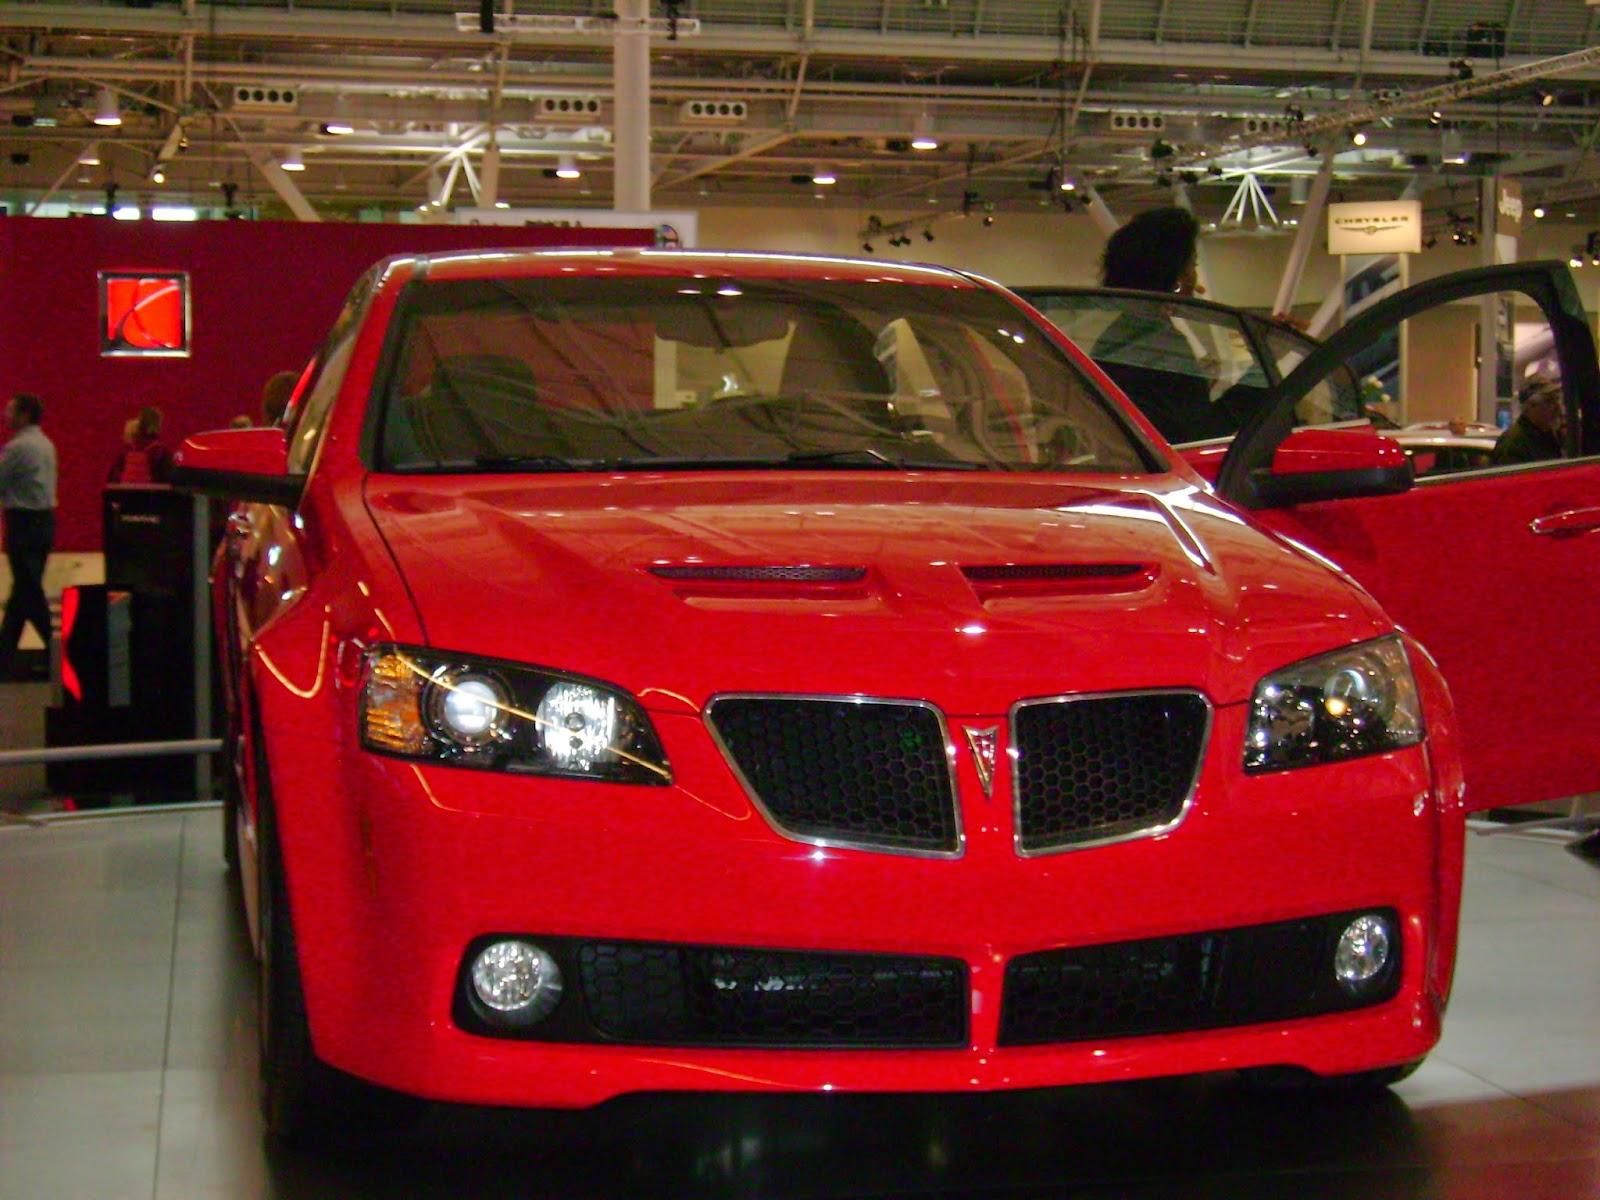 Pontiac G8 New England Auto Show 2008